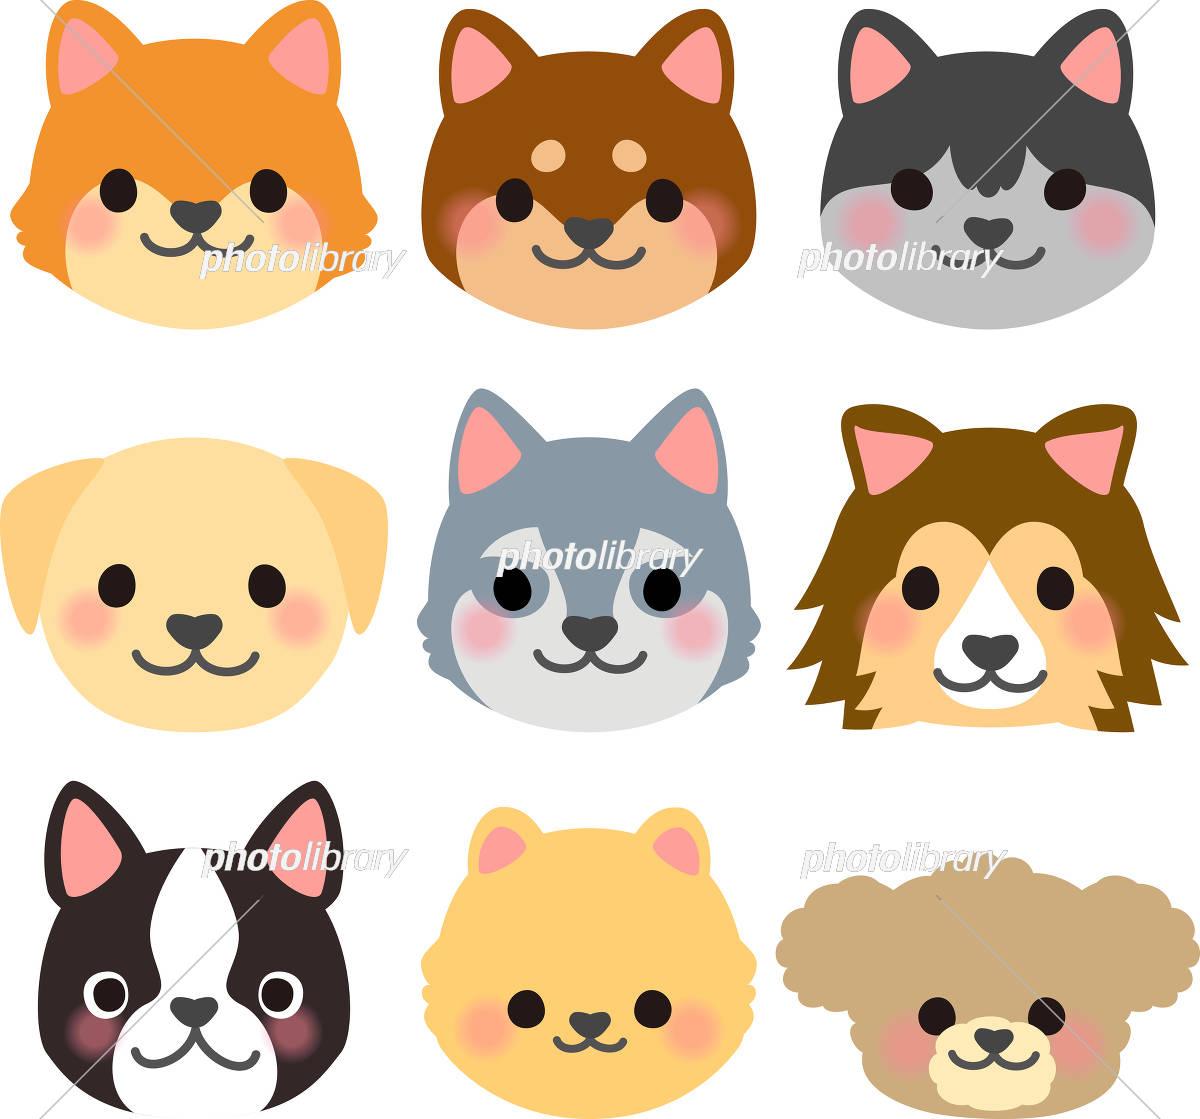 いろいろな犬の顔のイラストセット イラスト素材 [ 5271666 ] - フォト